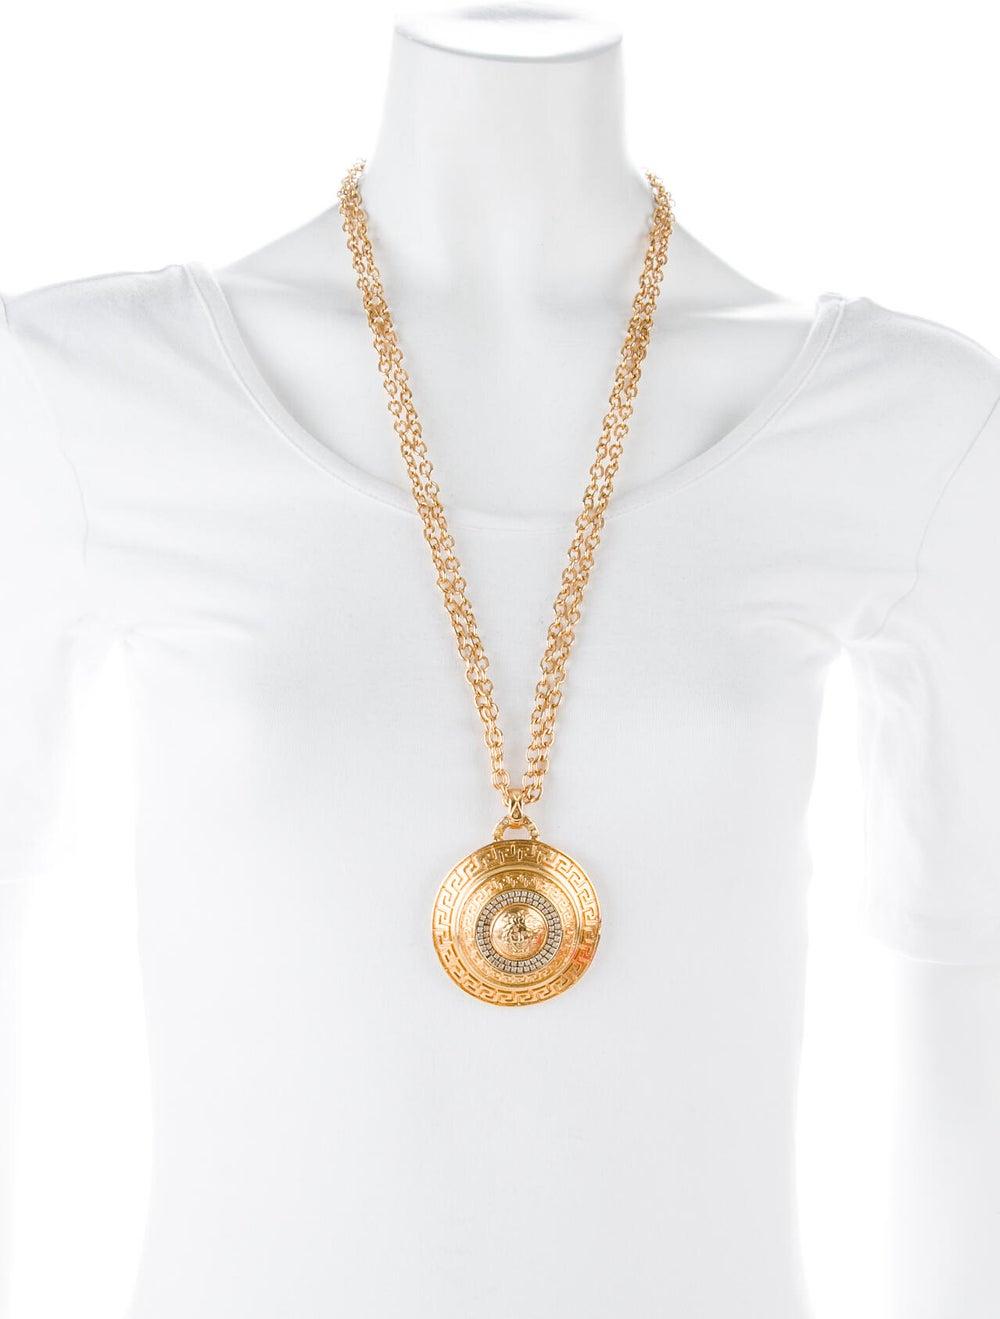 Gianni Versace Vintage Crystal Jumbo Medusa Medal… - image 3